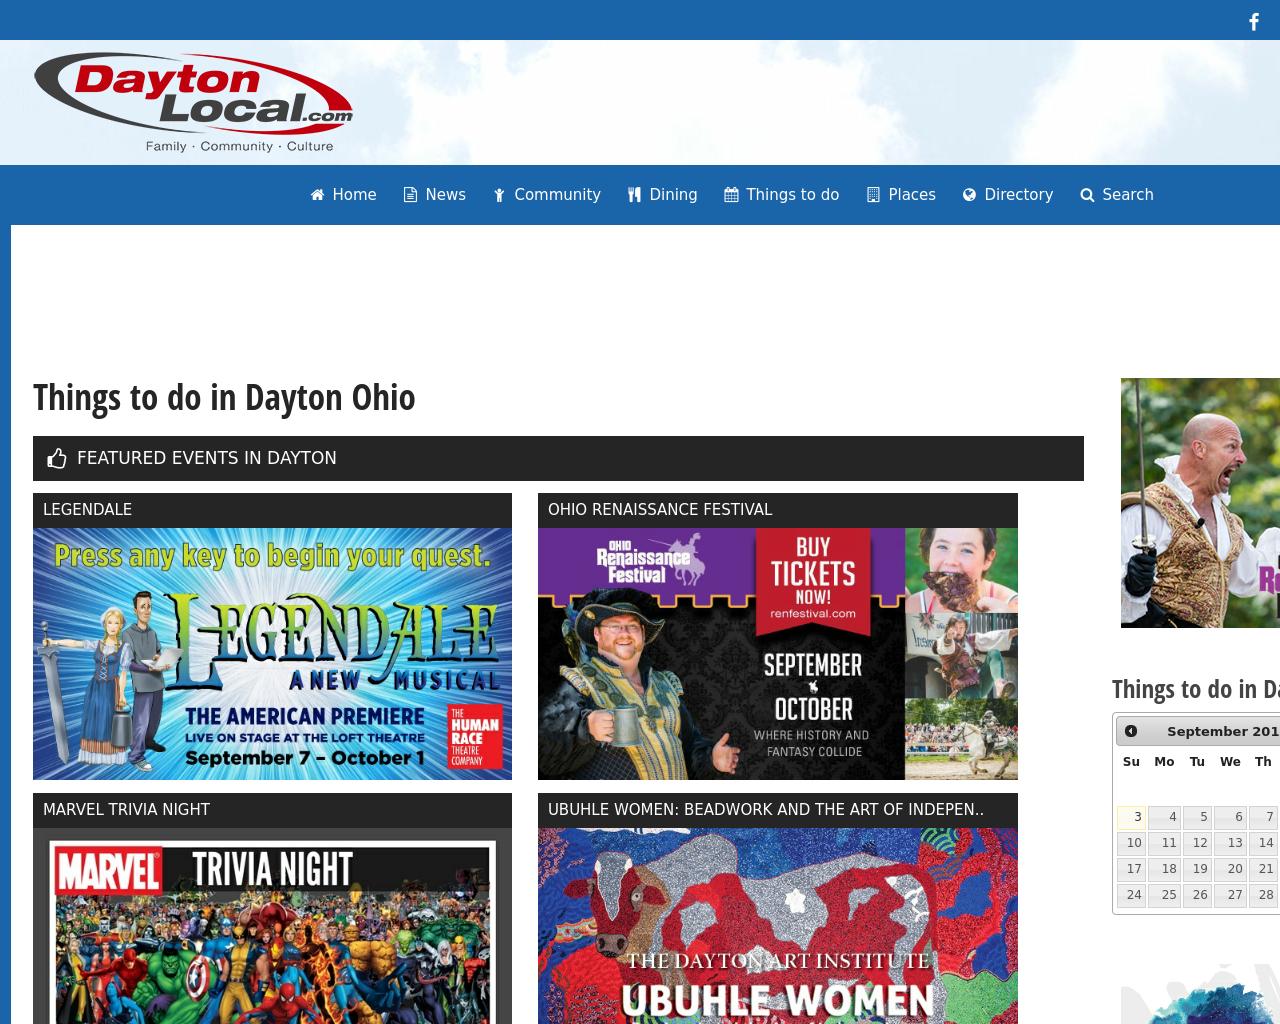 Dayton-Local-Advertising-Reviews-Pricing